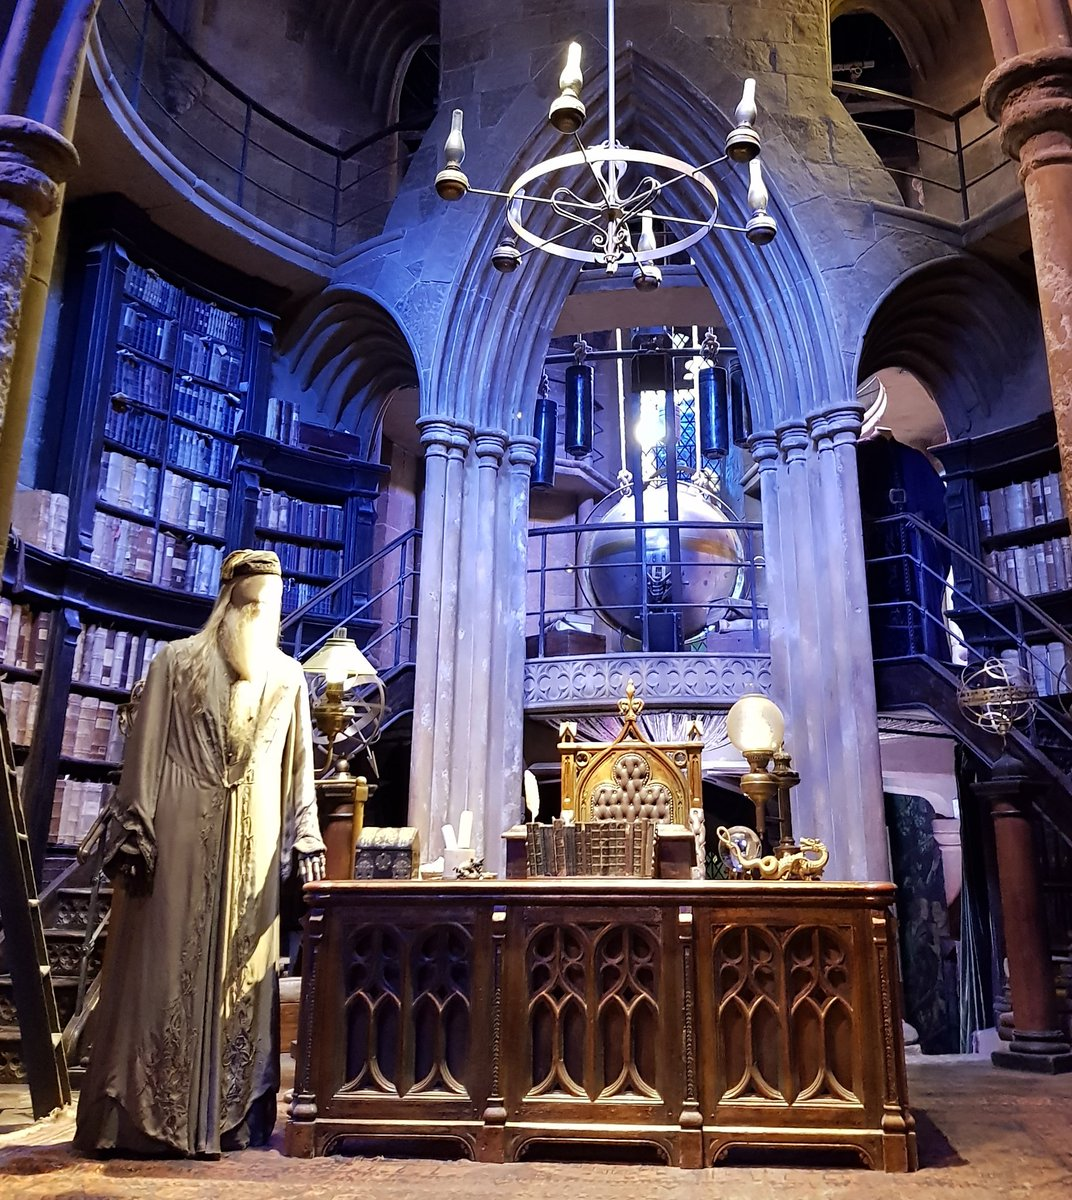 Che emozione quando ho visitato il set dello studio di #Silente al #WBStudioTour #HarryPotter #harrypottereidonidellamorte #Always  - Ukustom